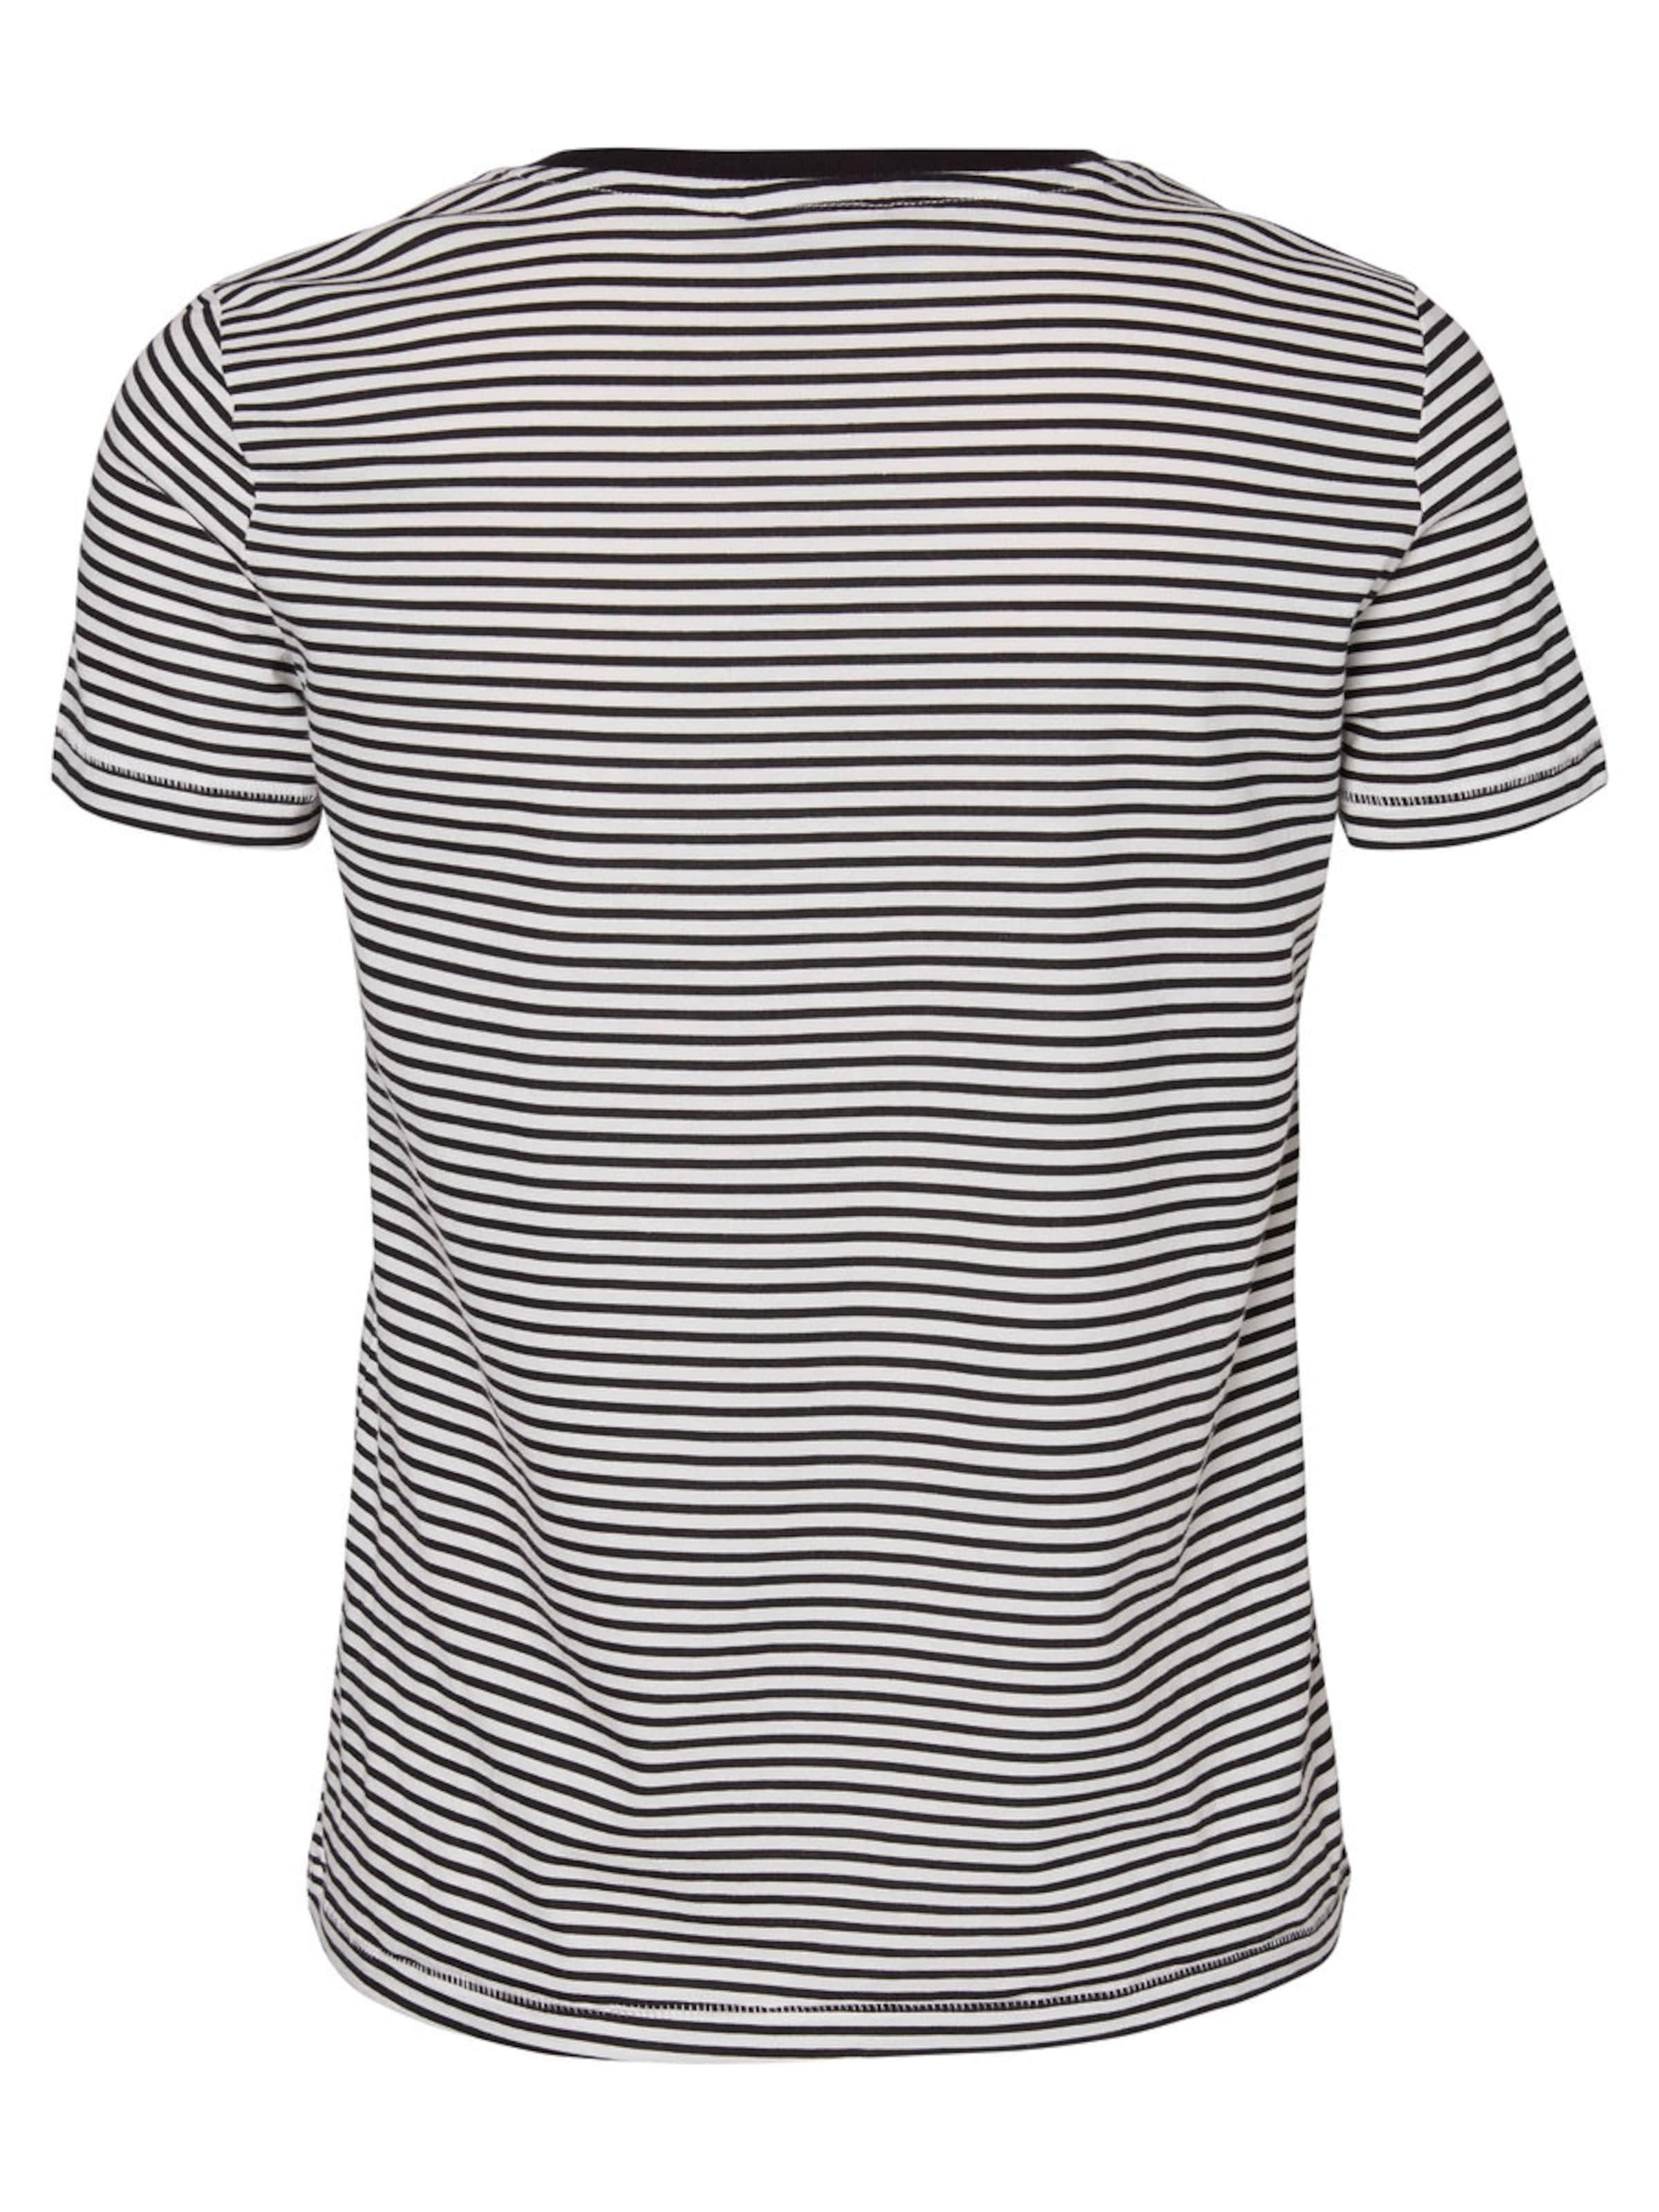 Noisy may Gestreiftes T-Shirt Auslass 2018 Unisex xvwHjWrK